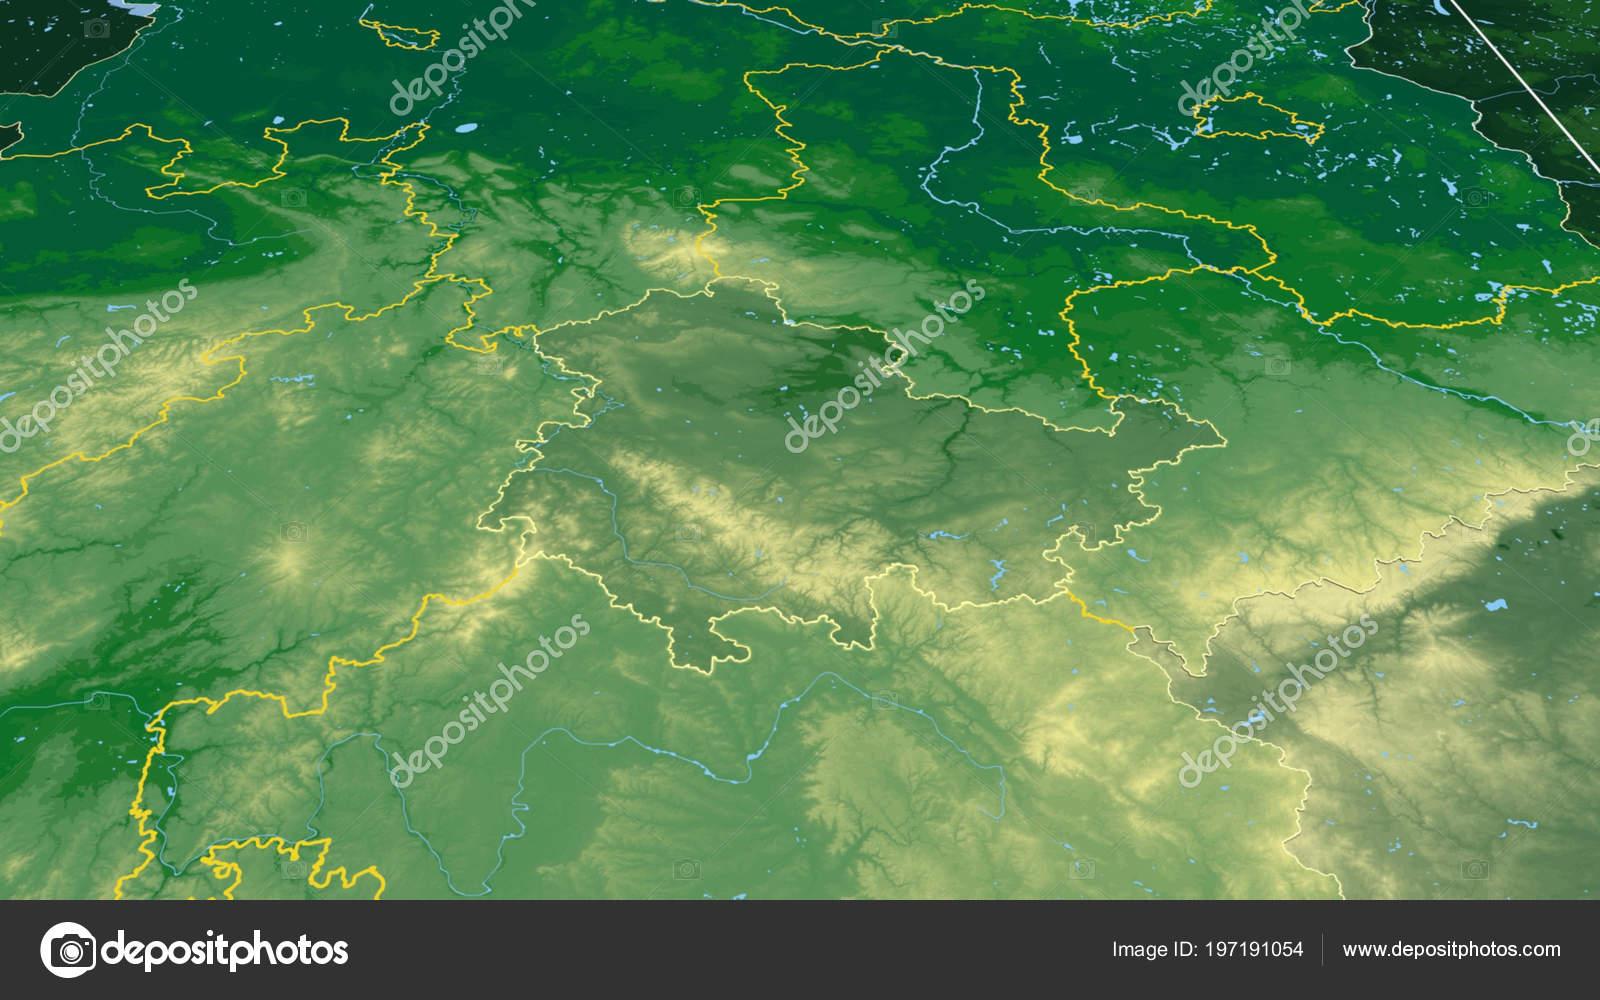 Carte Allemagne Thuringe.Thuringe Region Allemagne Decrites Carte Physique Couleur